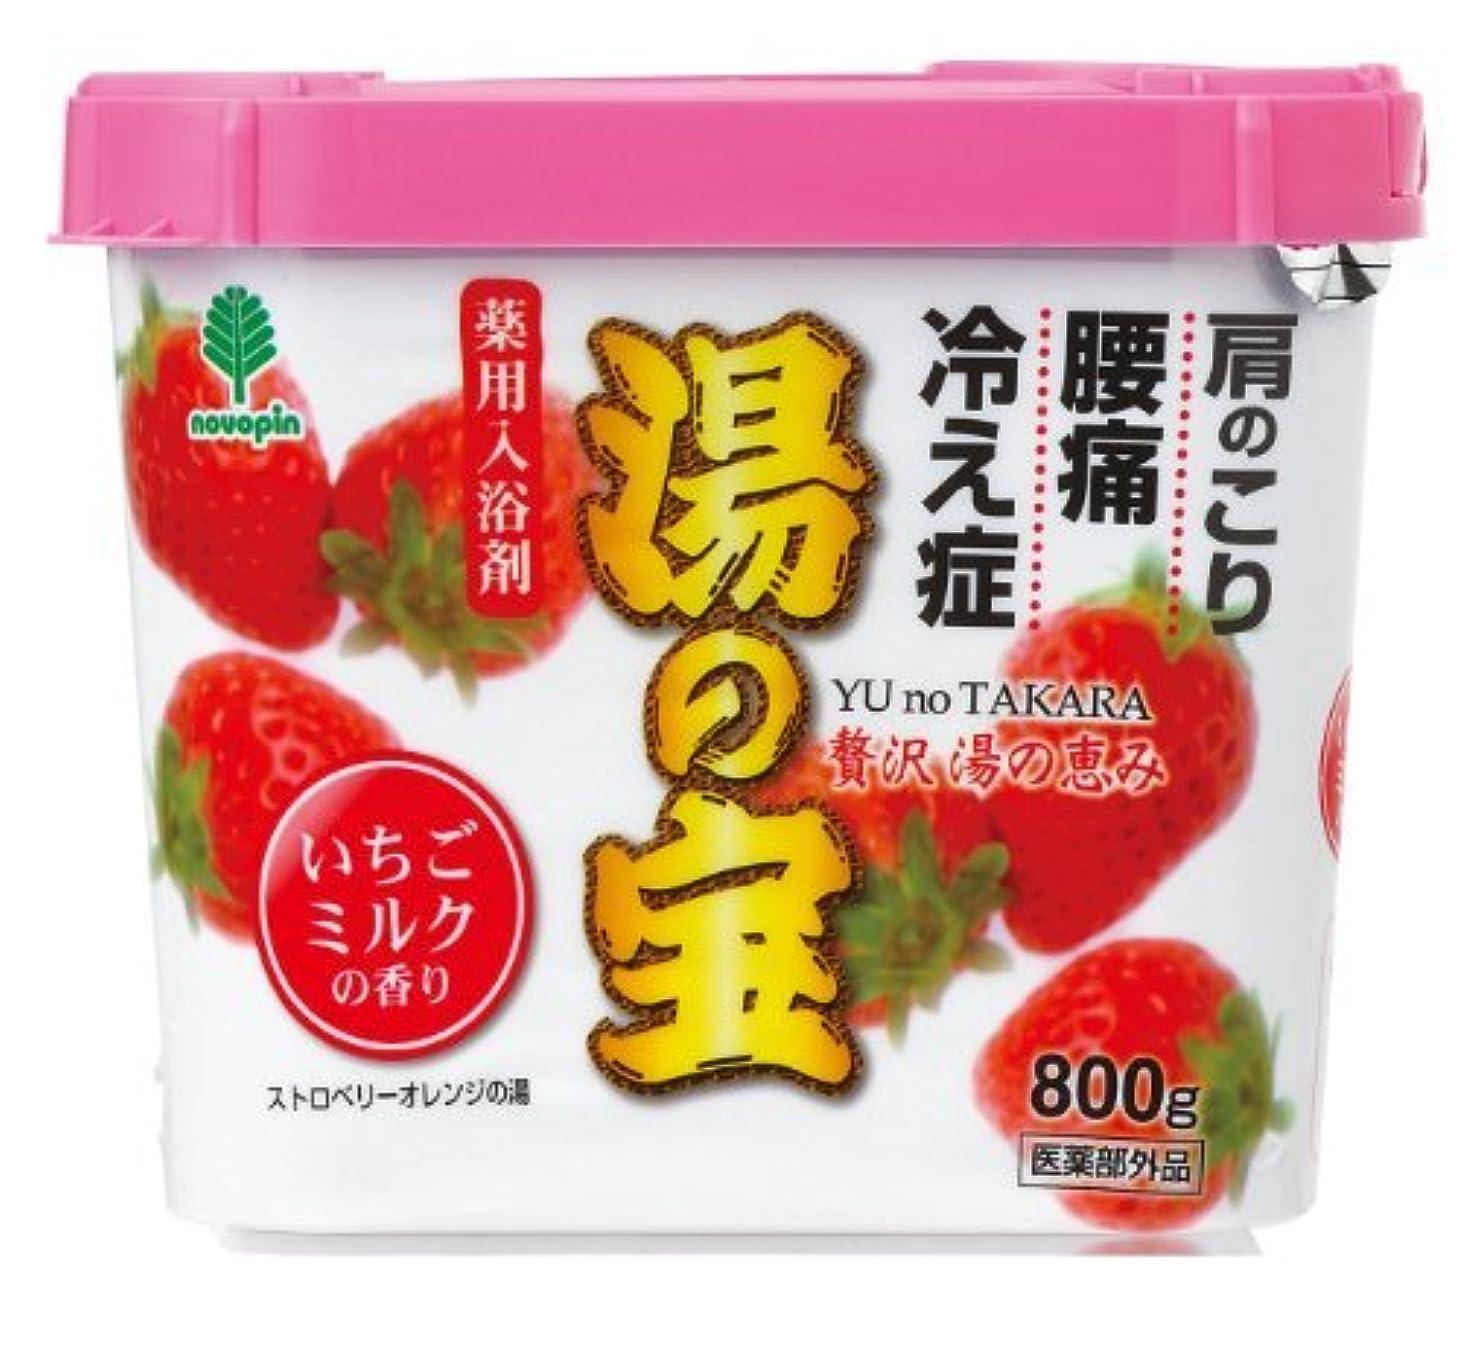 ぬいぐるみロケットどこでも紀陽除虫菊 湯の宝 いちごミルクの香り 800g【まとめ買い16個セット】 N-0053